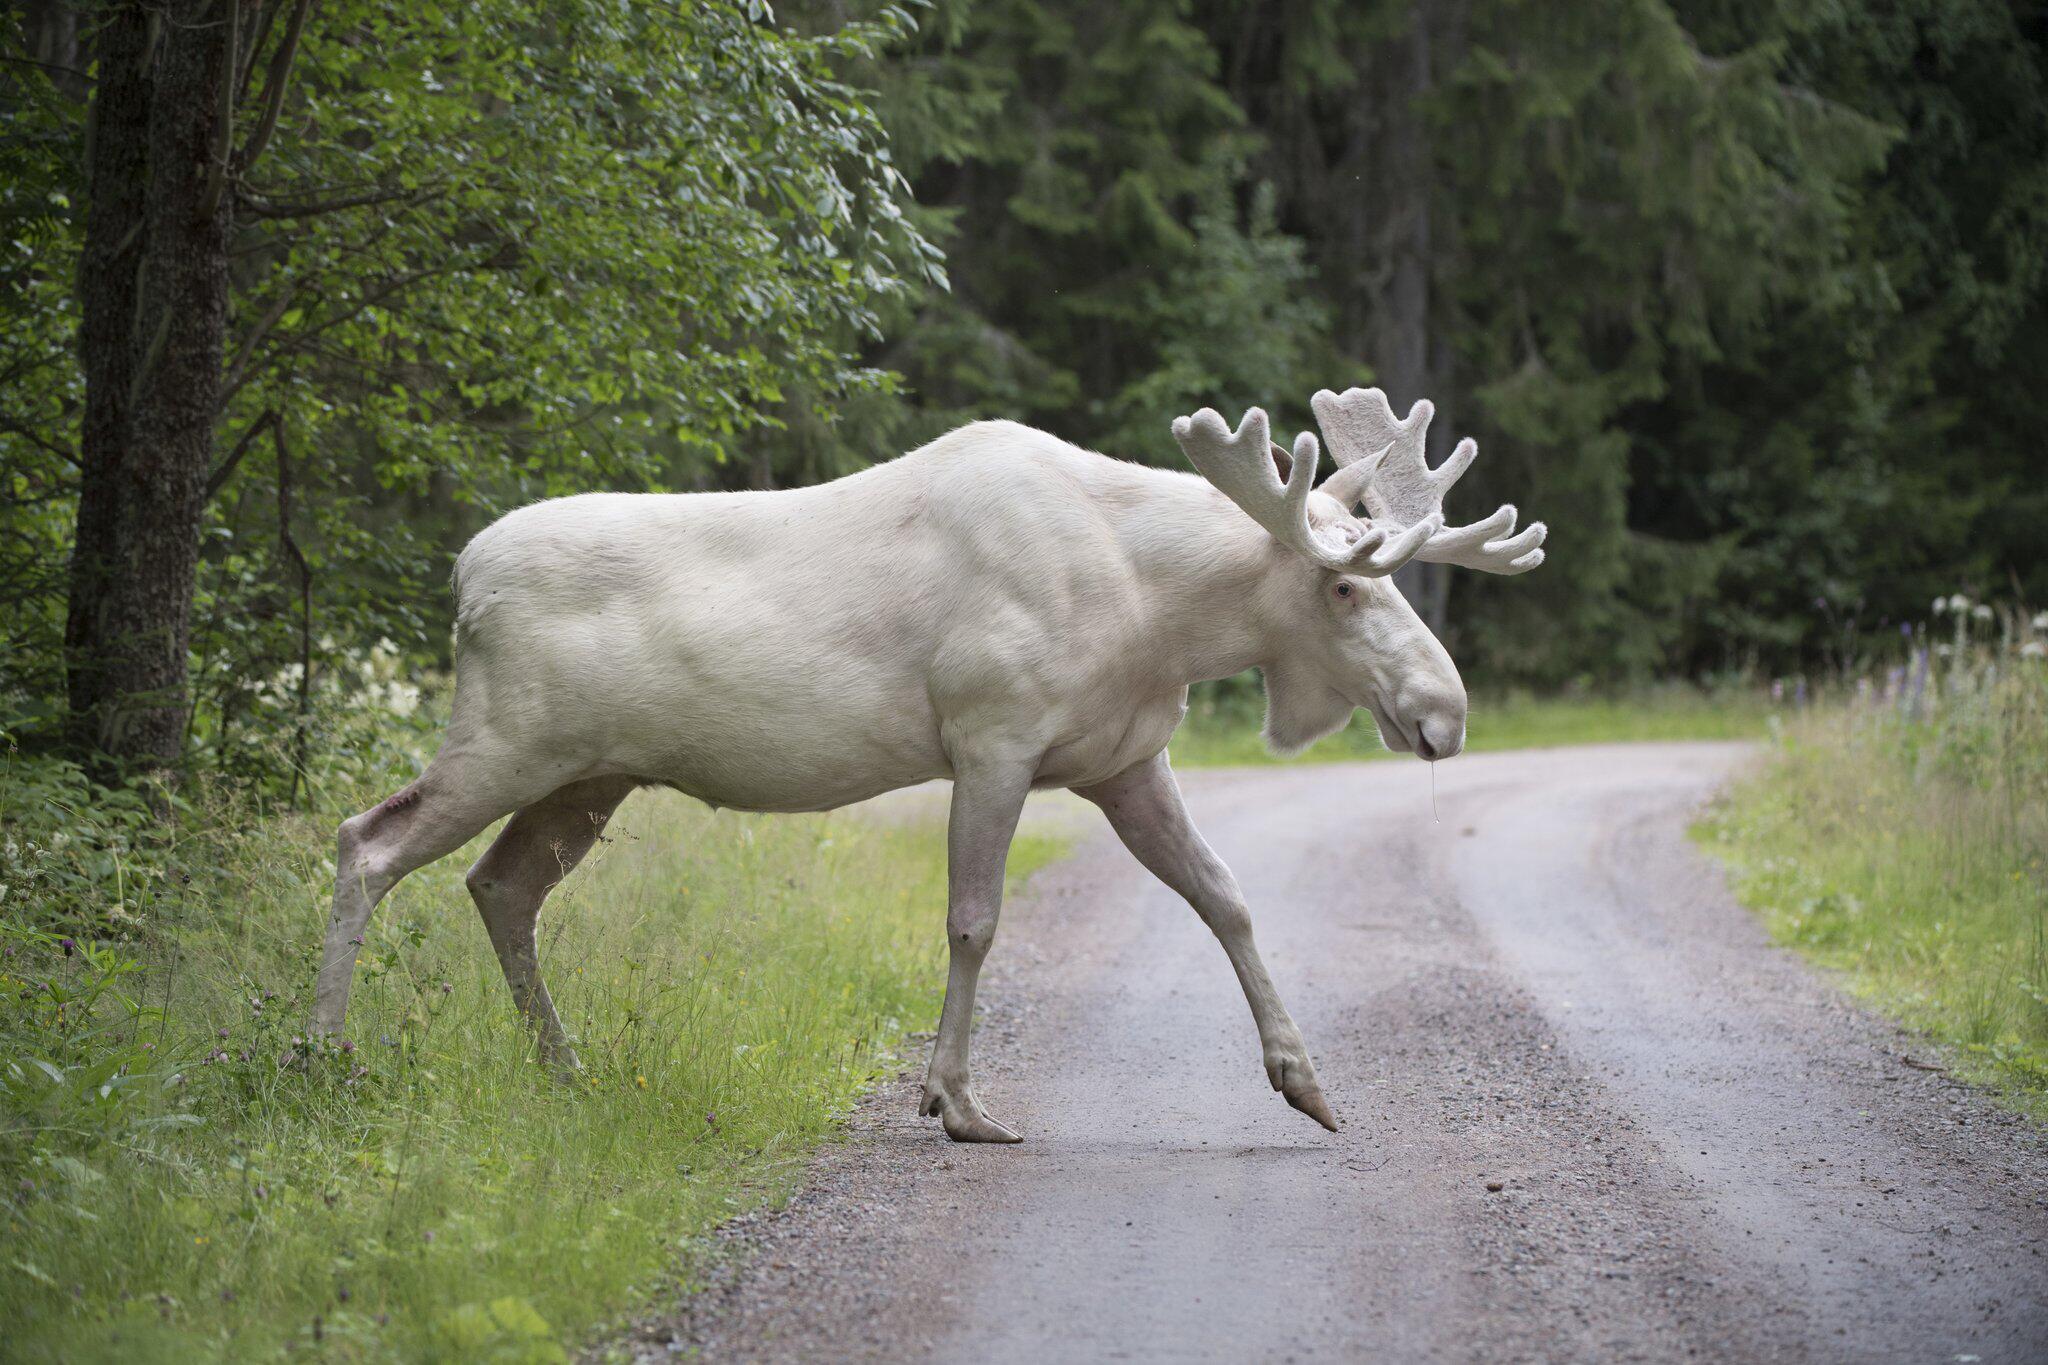 Bild zu Weißer Elch in Schweden gesichtet